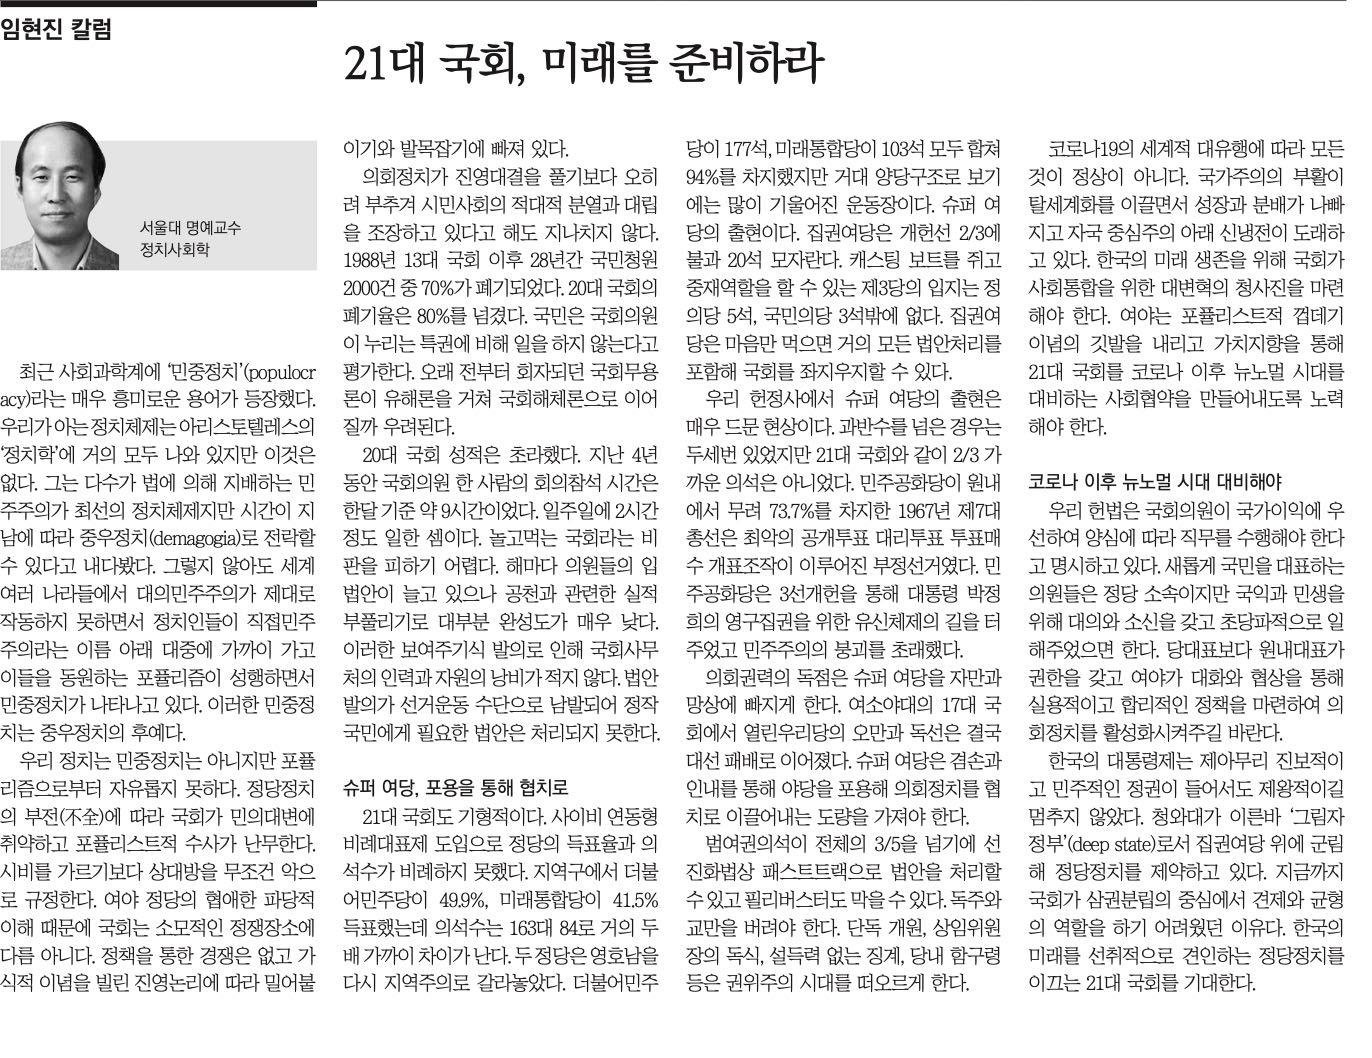 [내일신문] 임현진 칼럼 – 21대 국회, 미래를 준비하라